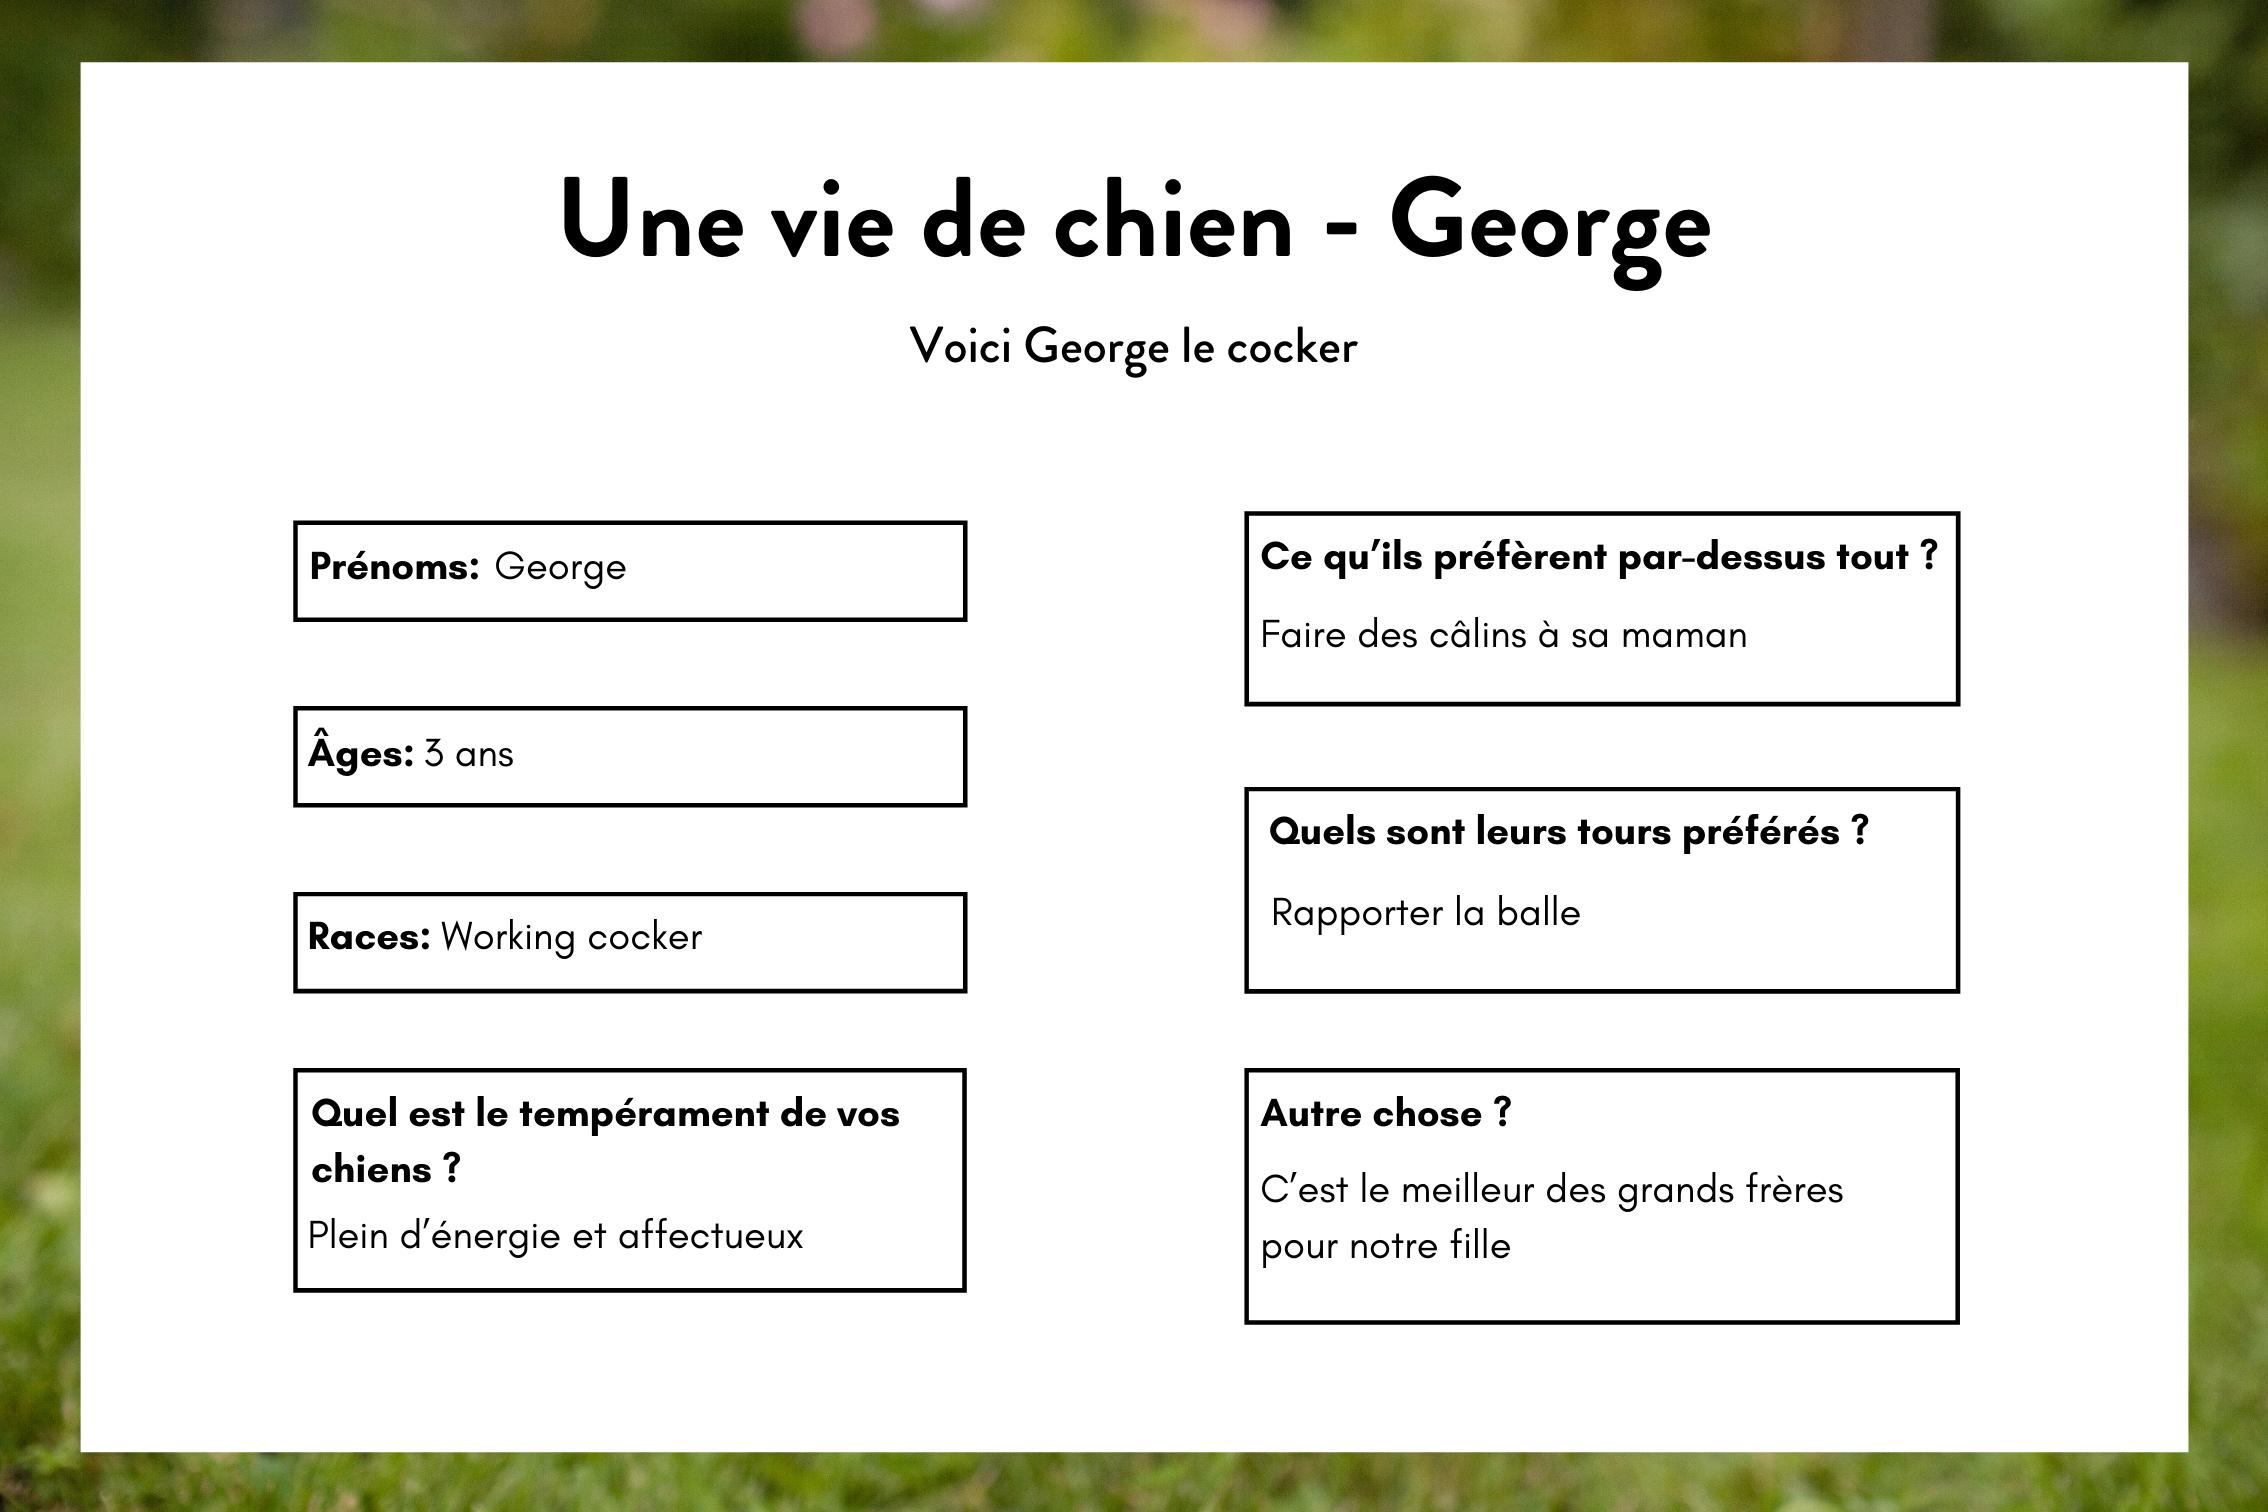 Une vie de chien - George 1